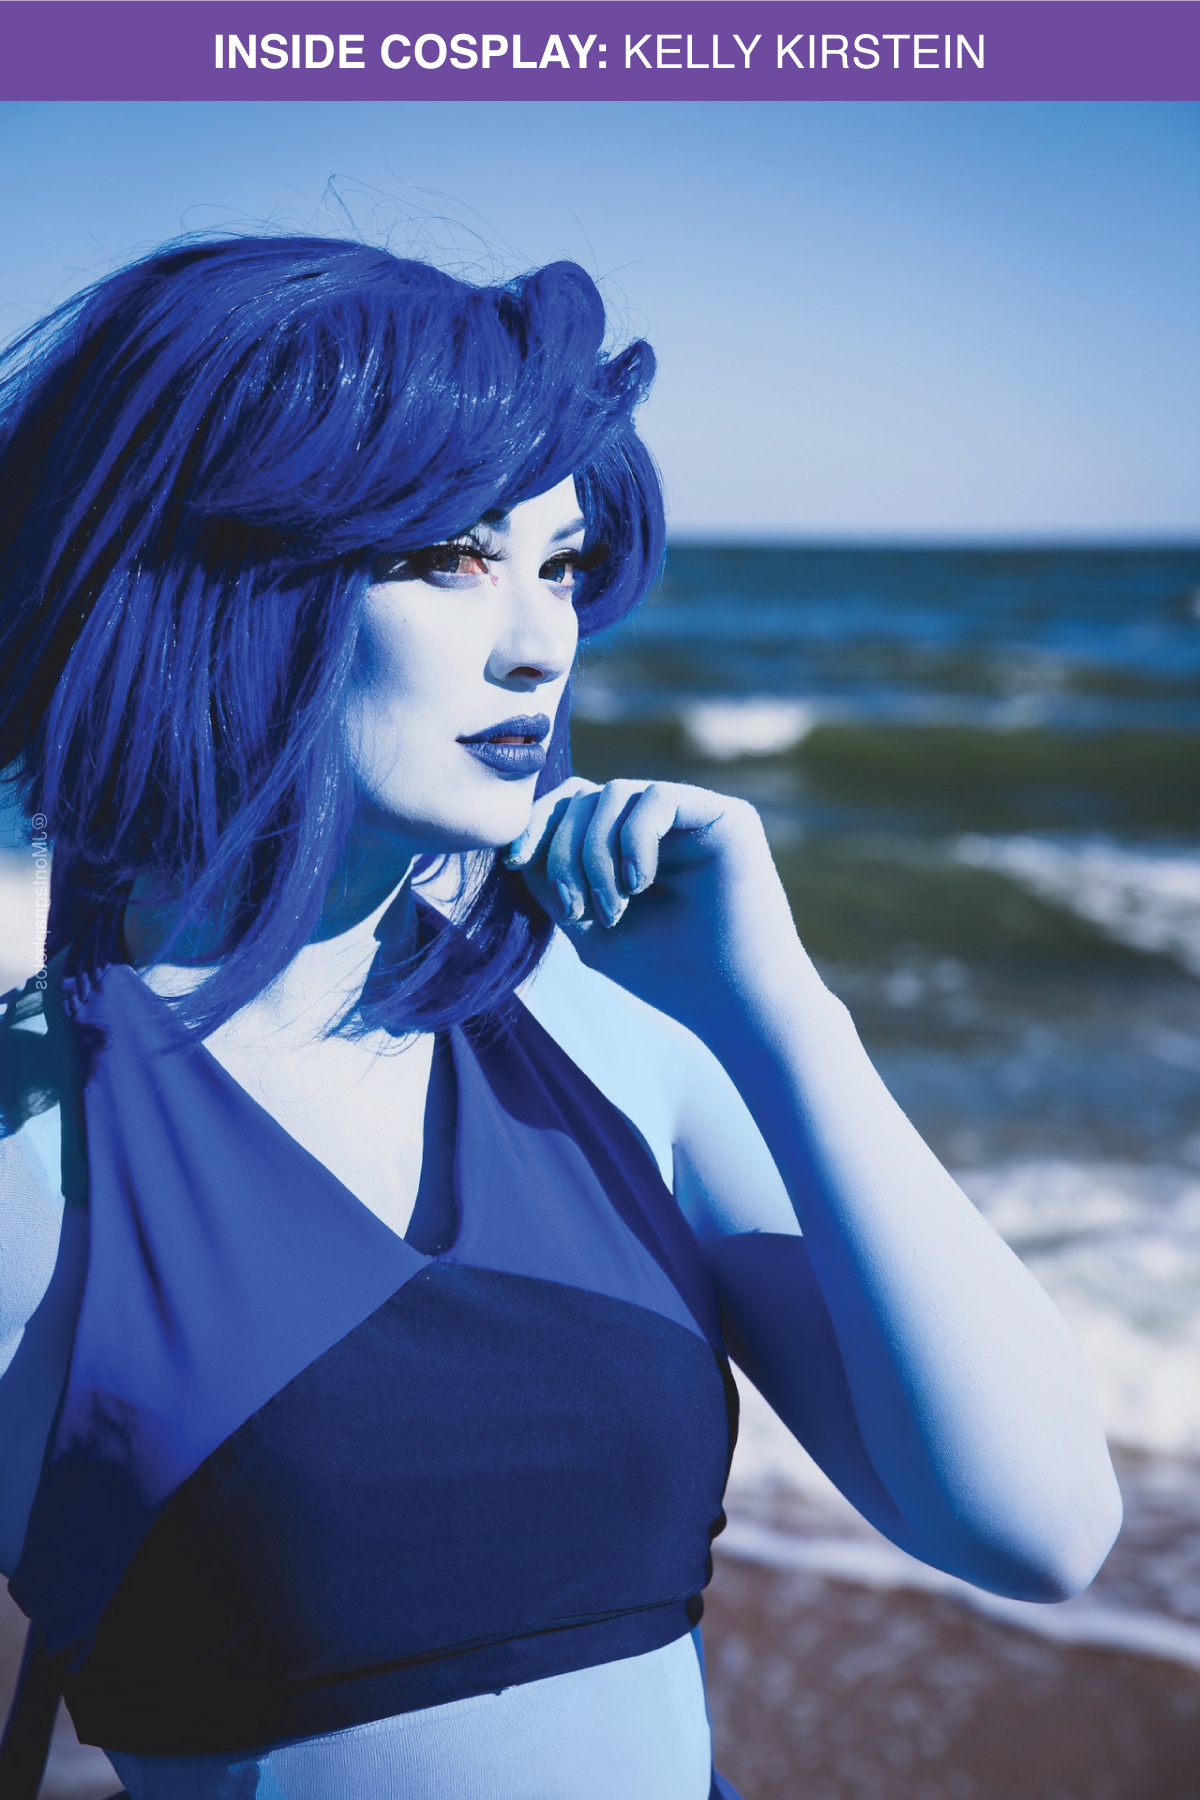 Inside Cosplay: Kelly Kirstein - We Love Colors